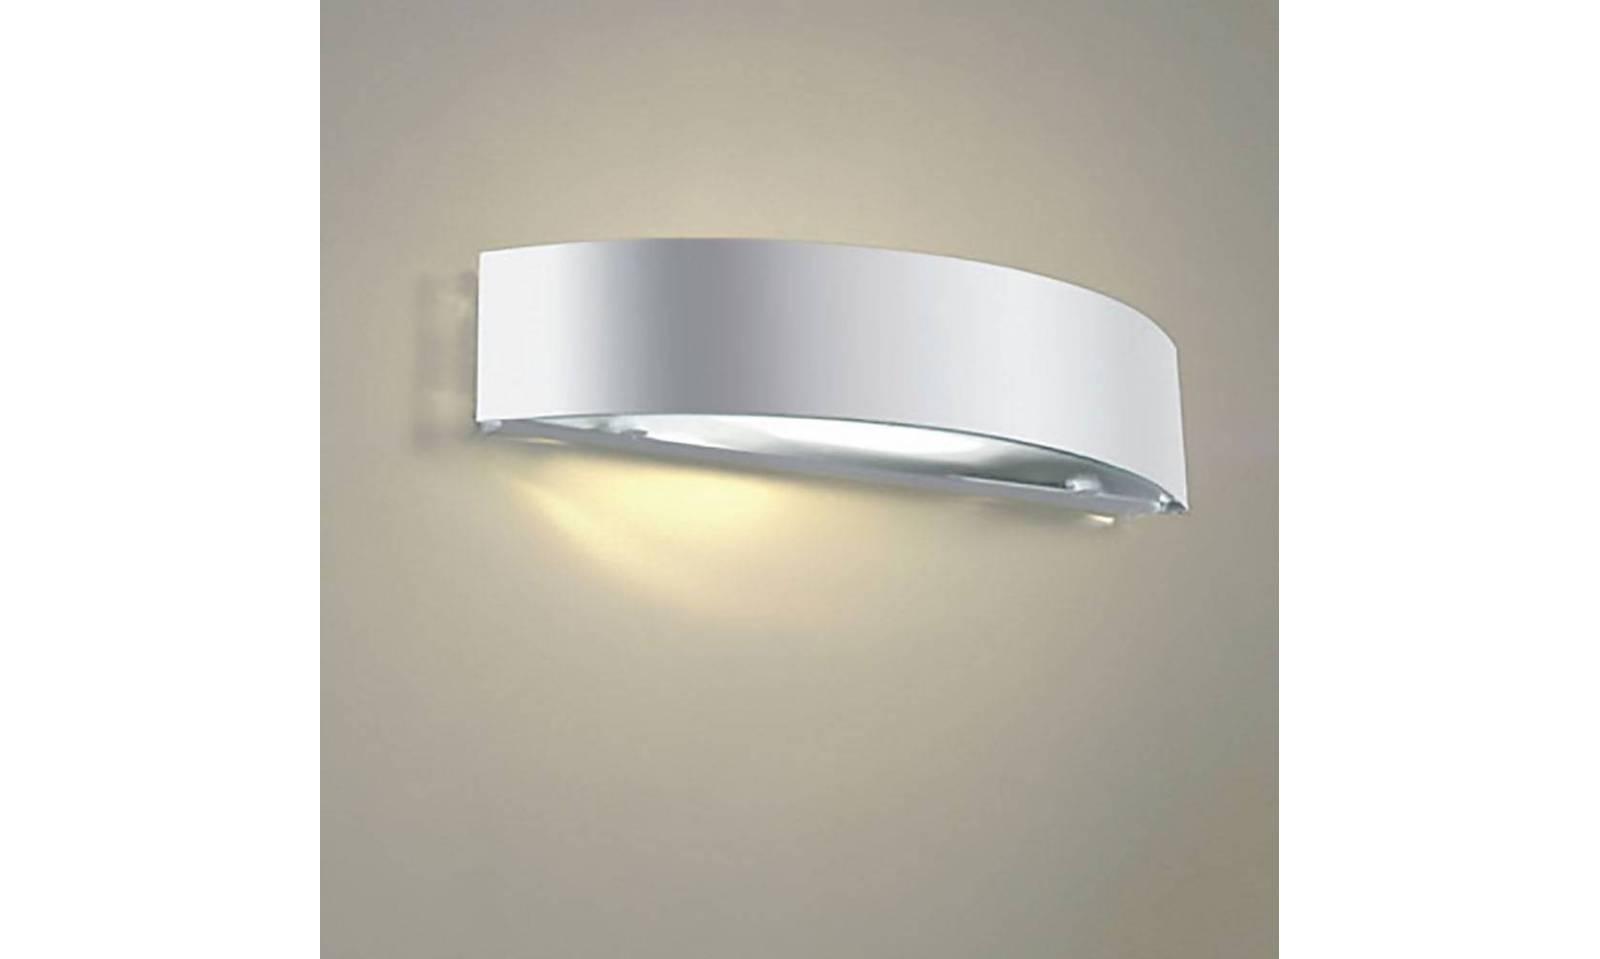 Sikrea illuminazione applique moderno led in metallo serie unica